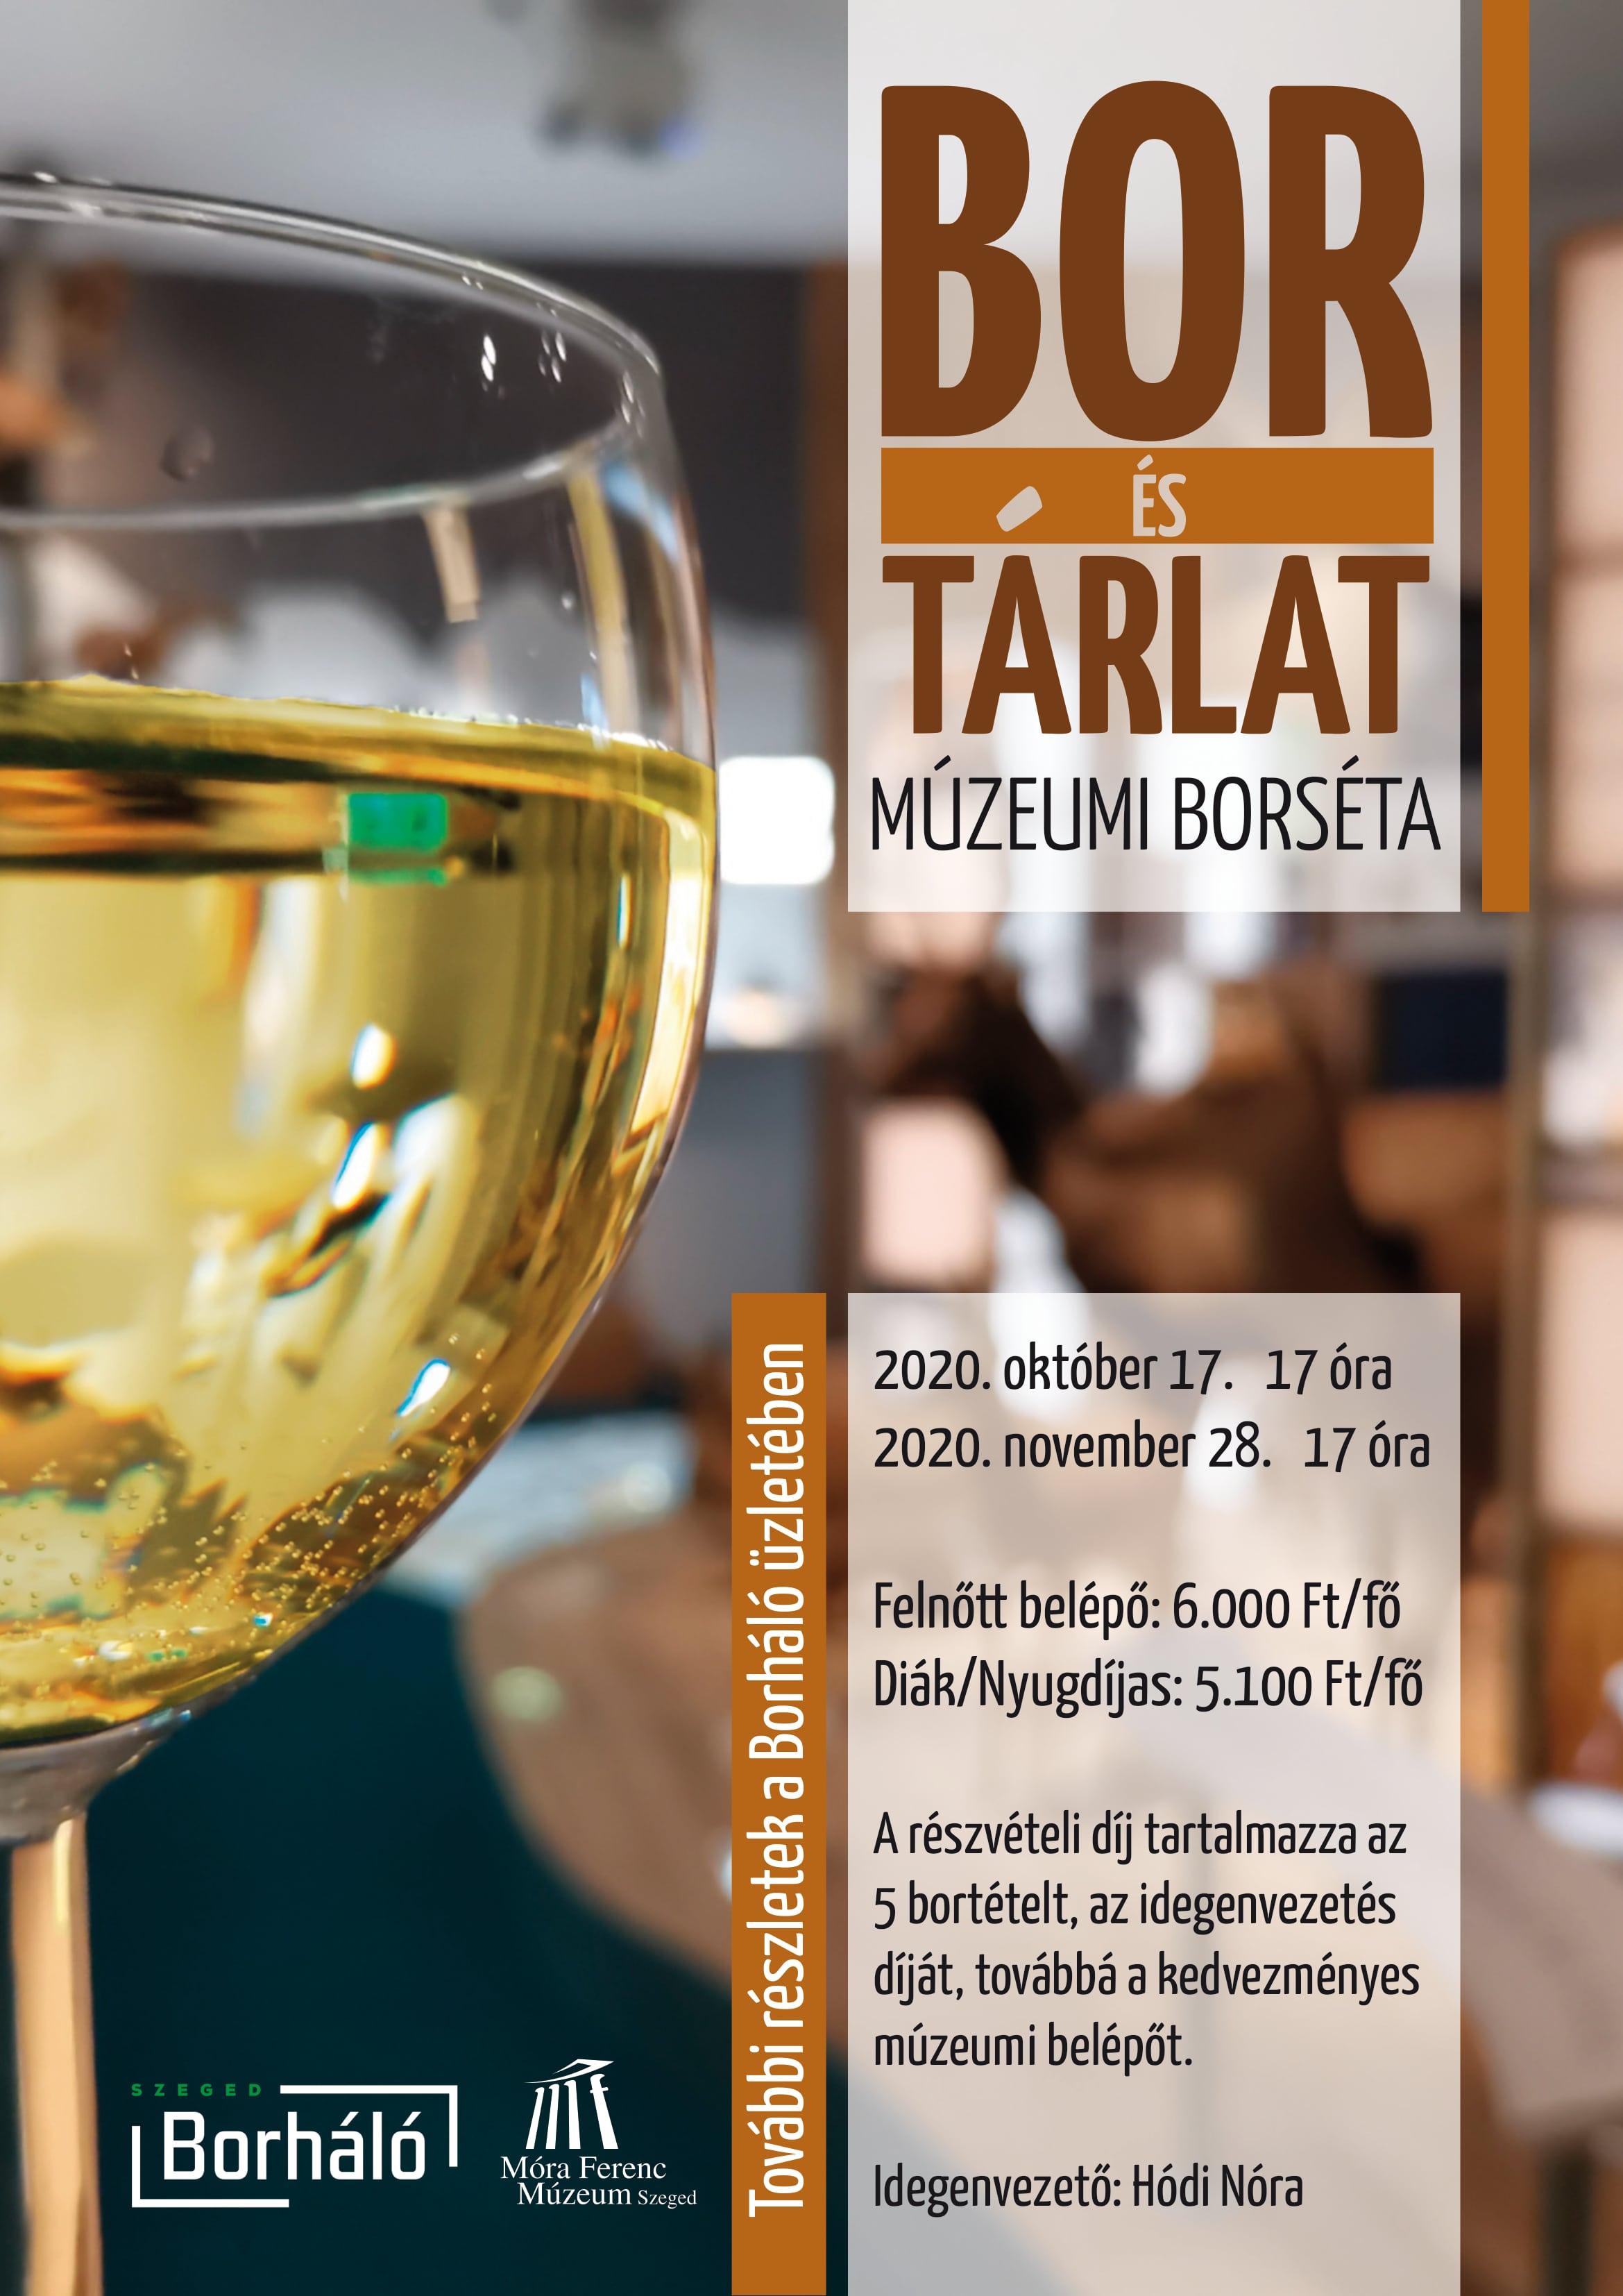 A3Bortarlat plakát